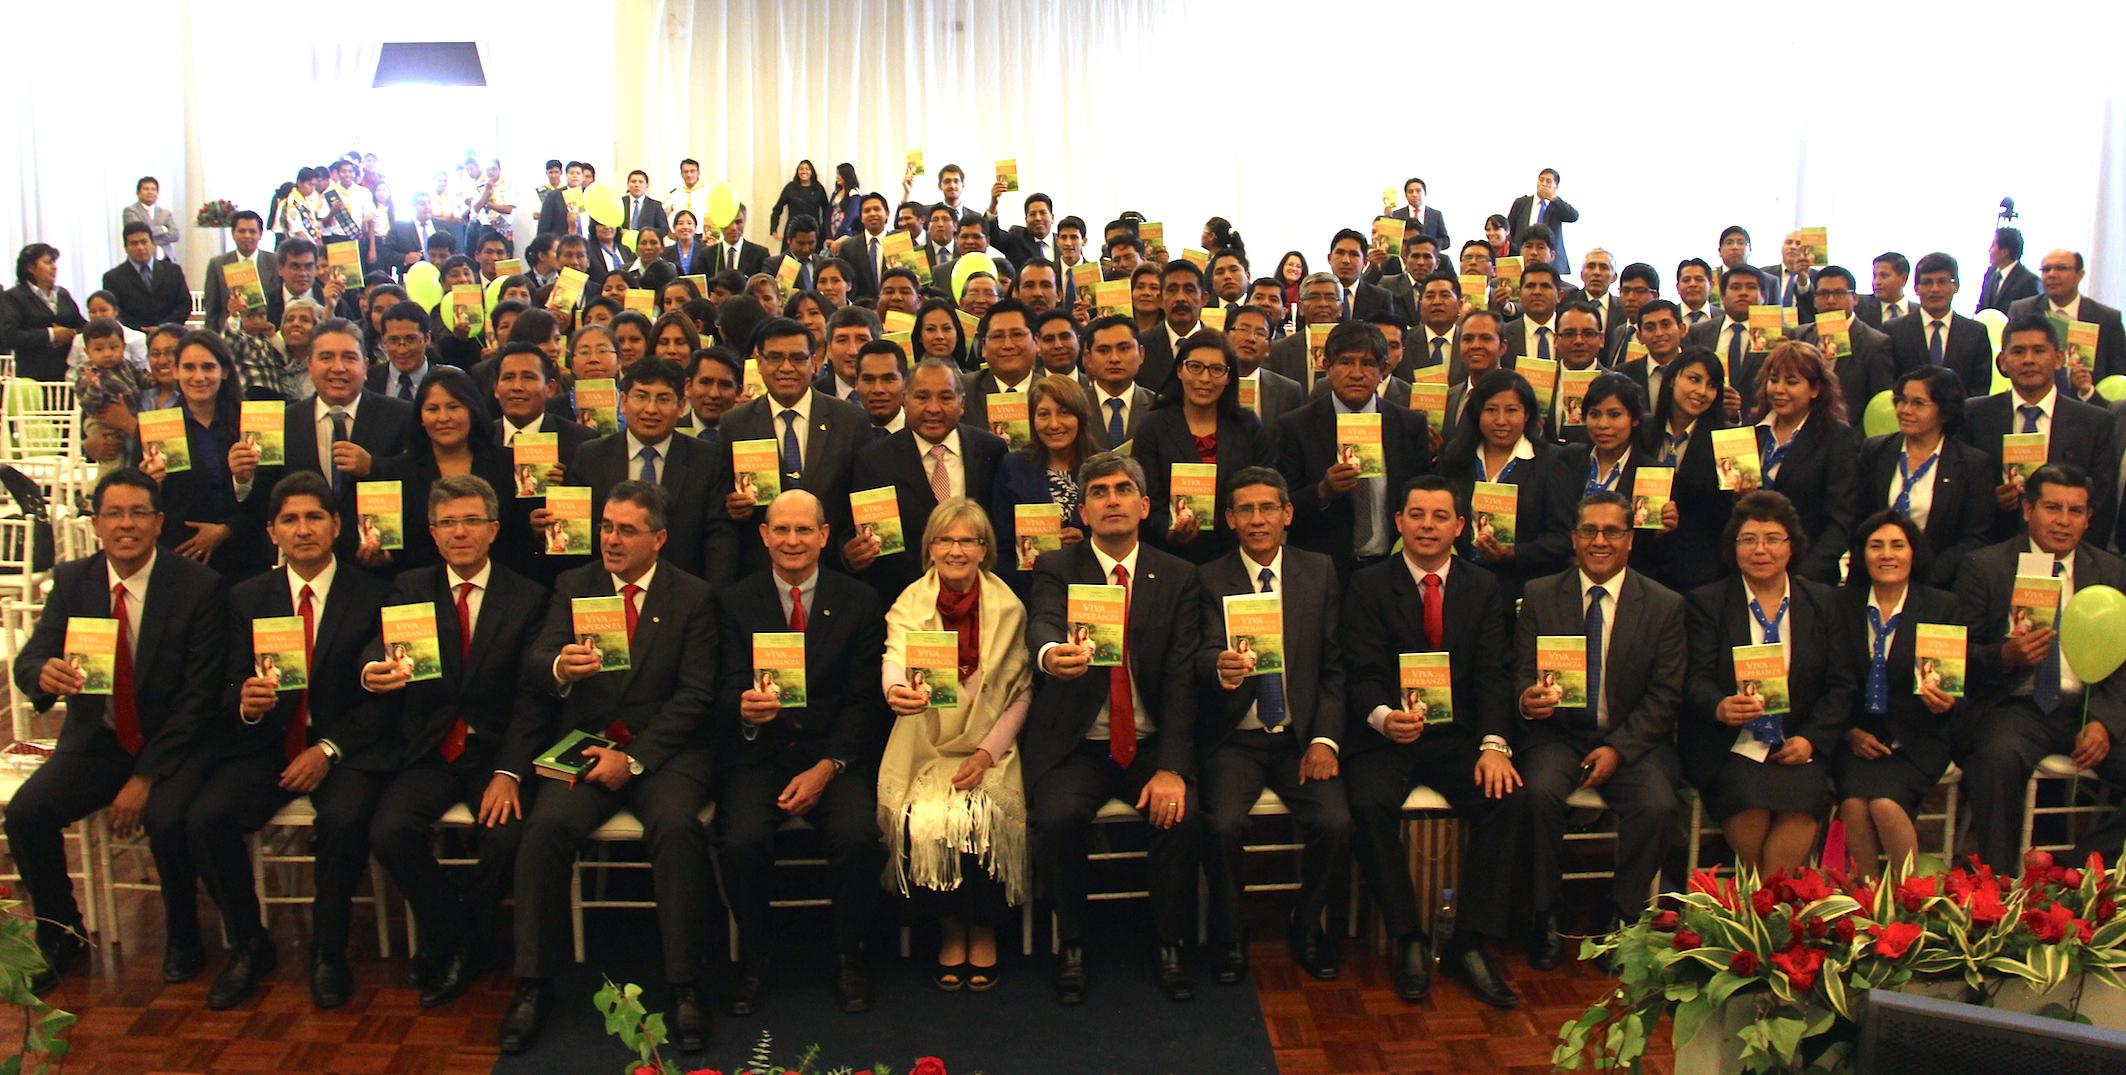 Los líderes mundiales con los libros misioneros que van ser entregues este año